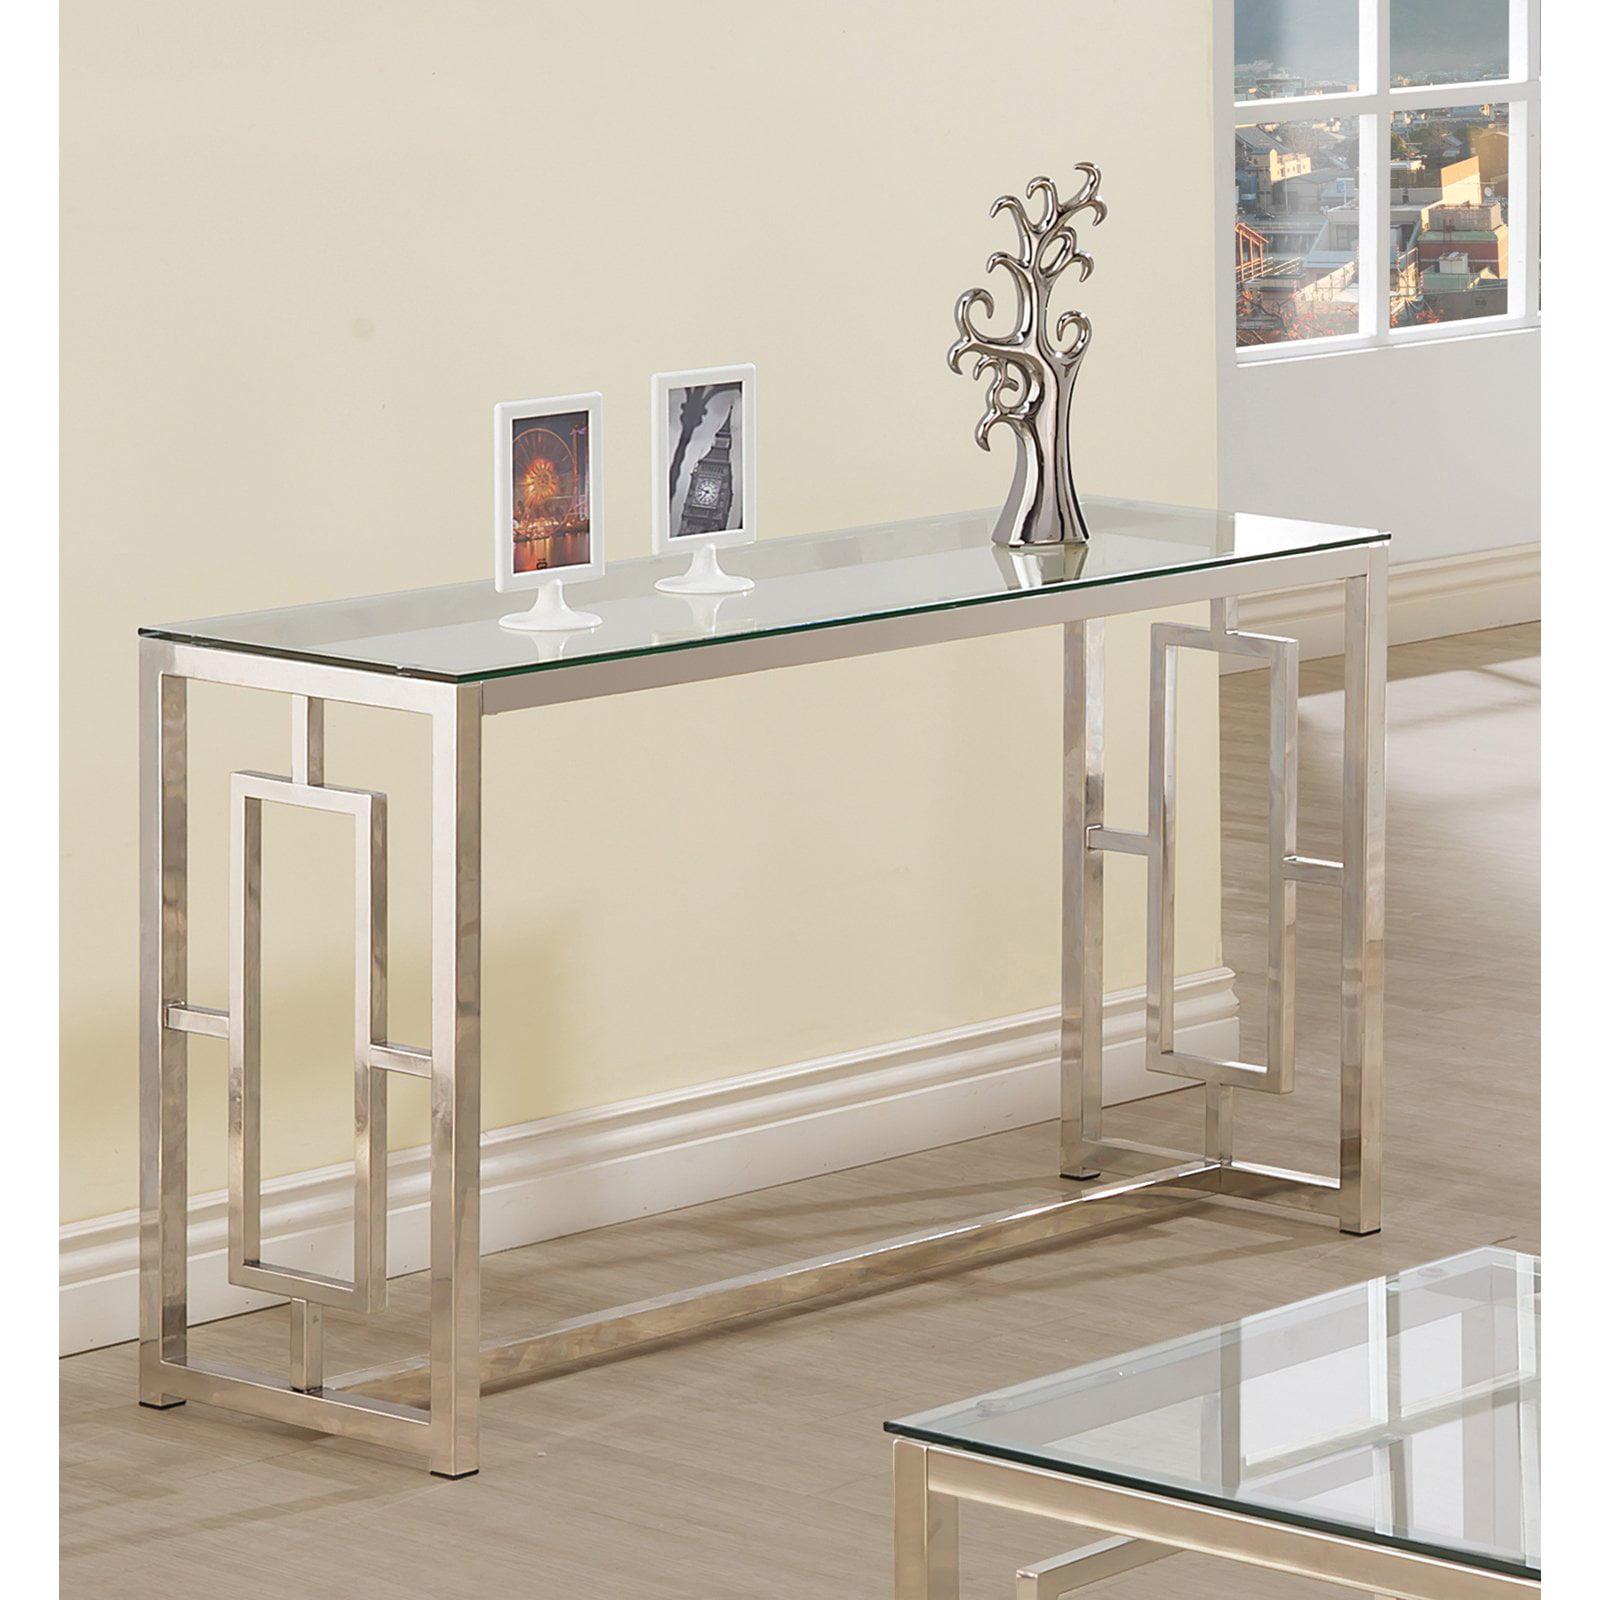 Coaster Company Sofa Table, Nickel